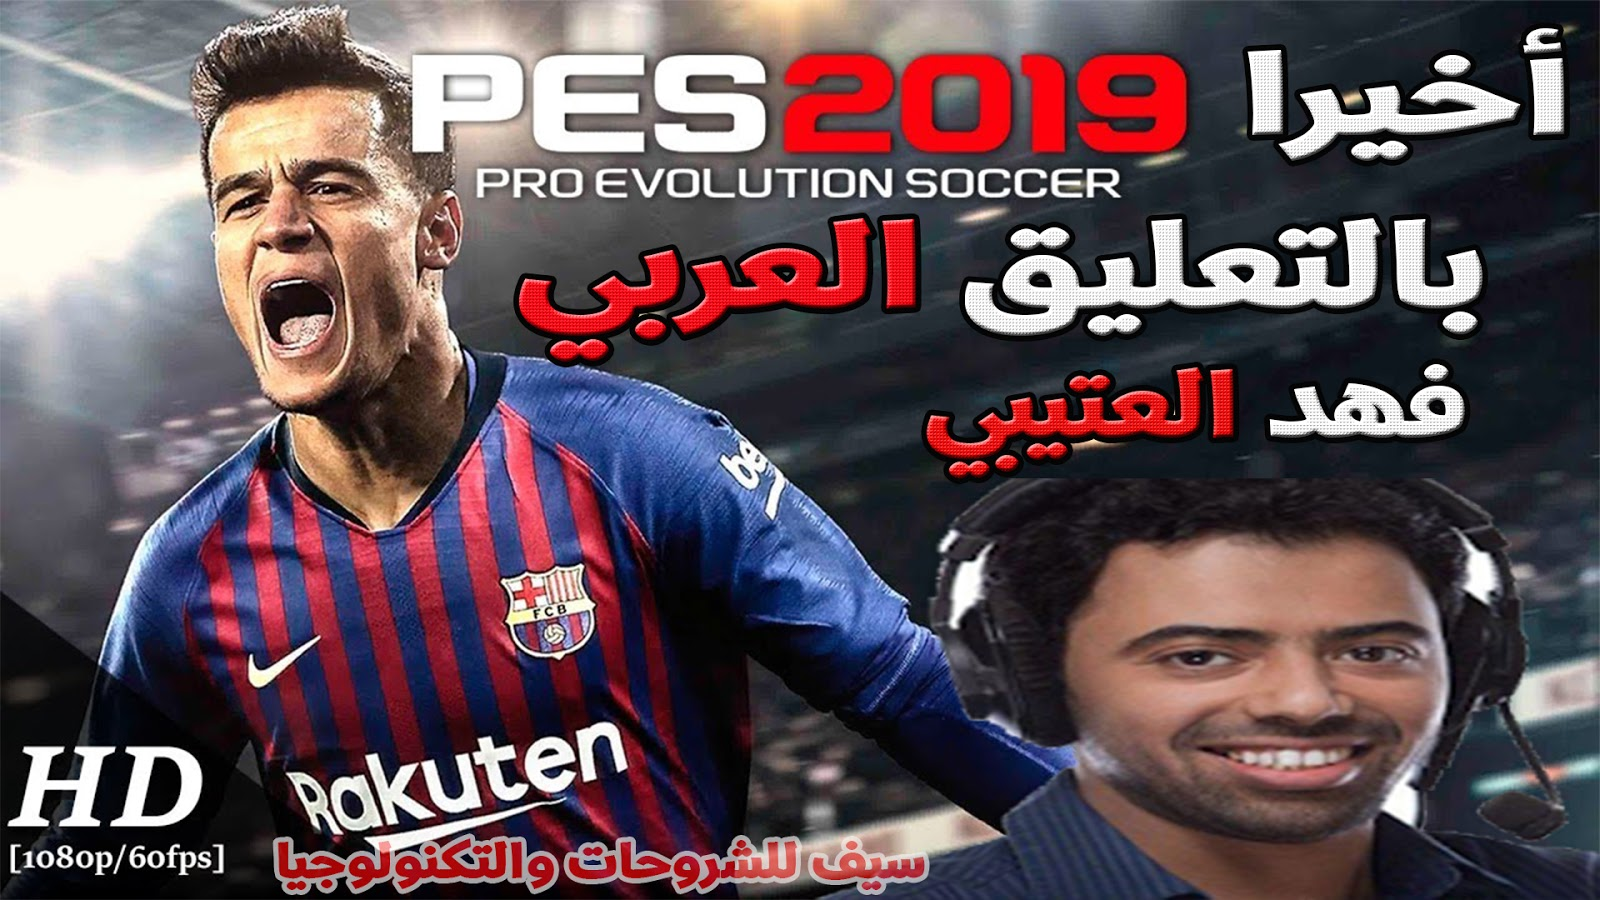 اخيرا وبعد انتظار تحميل لعبة PES 2019 بالتعليق العربي - فهد العتيبي + انتقالات 2020